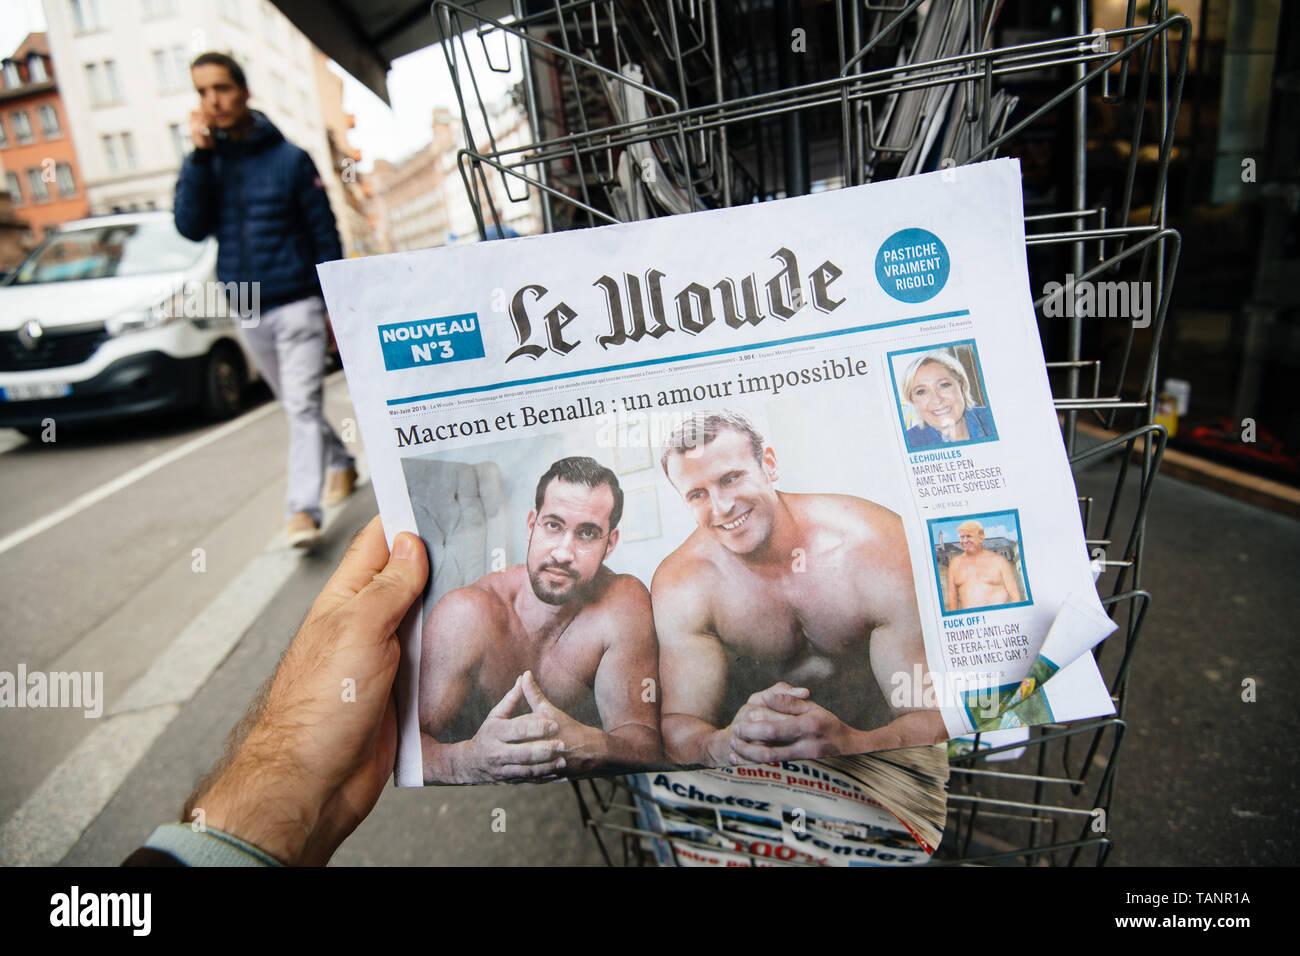 Strasburgo, Francia - 27 Maggio 2019: uomo azienda Acquisto giornale satirico Le Wonde con Emmanuel Macron e Alexandre Benalla sul coperchio Immagini Stock